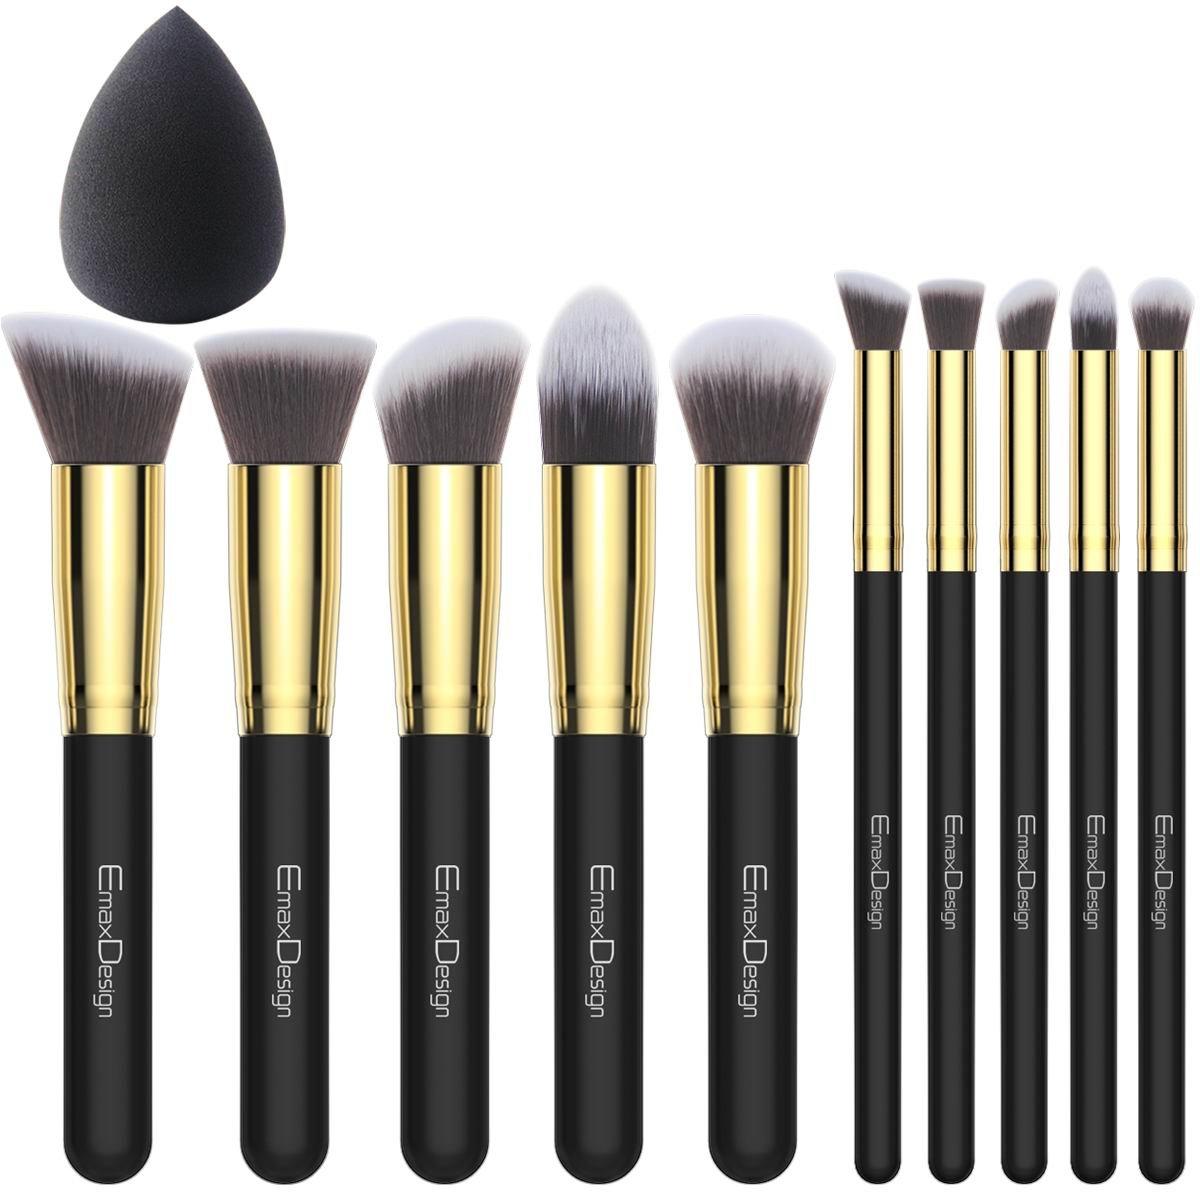 EmaxDesign - Juego de brochas de maquillaje kabuki de fibra sintética para las cejas, base de maquillaje, polvos, crema, incluye bolsa, incluye una esponja de maquillaje product image